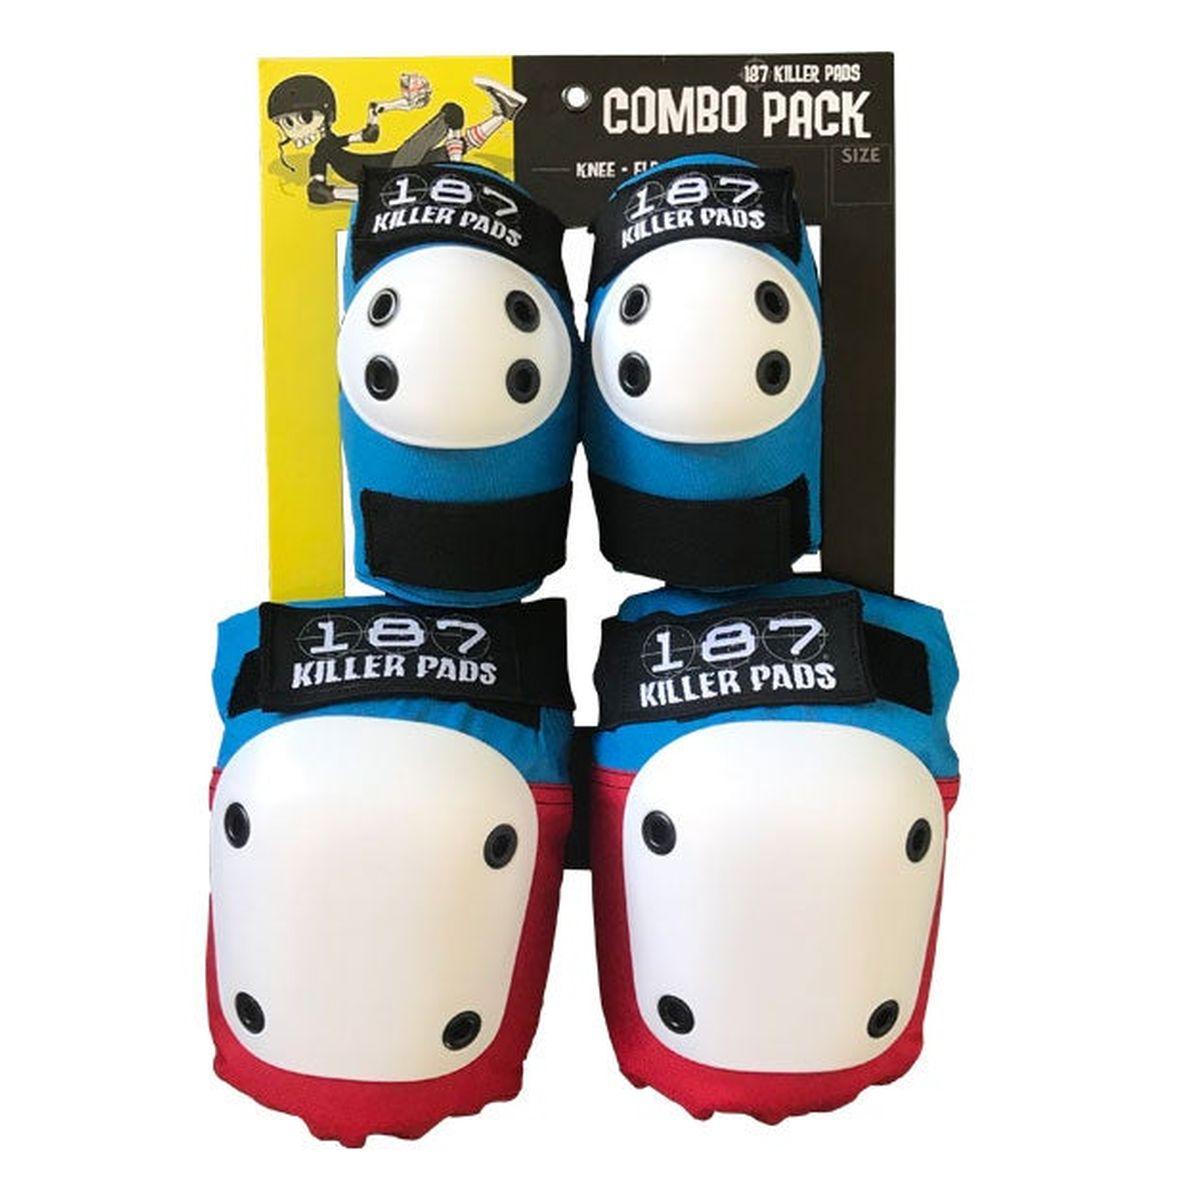 Ochraniacze 187 Killer Pads Combo Pack Red / White / Blue